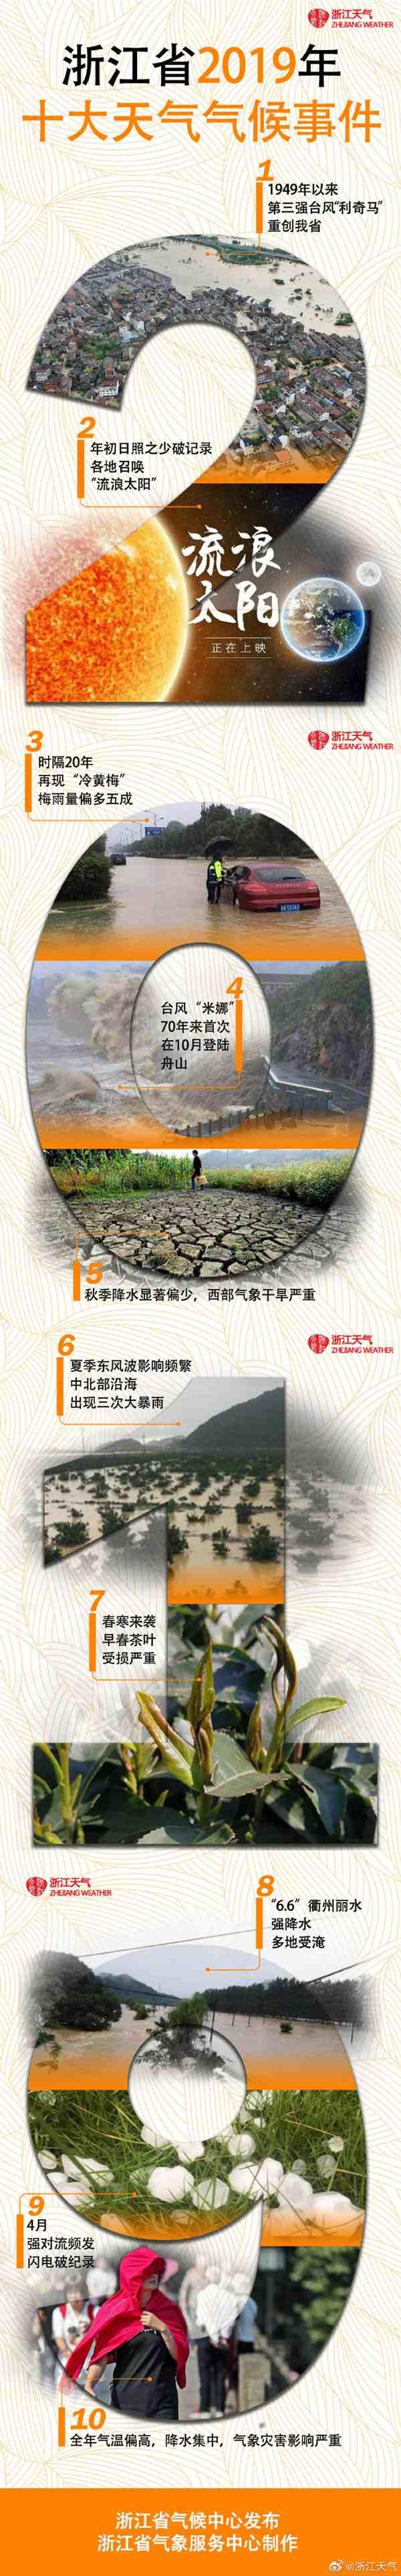 2019年浙江省十大天气气候事件出炉!